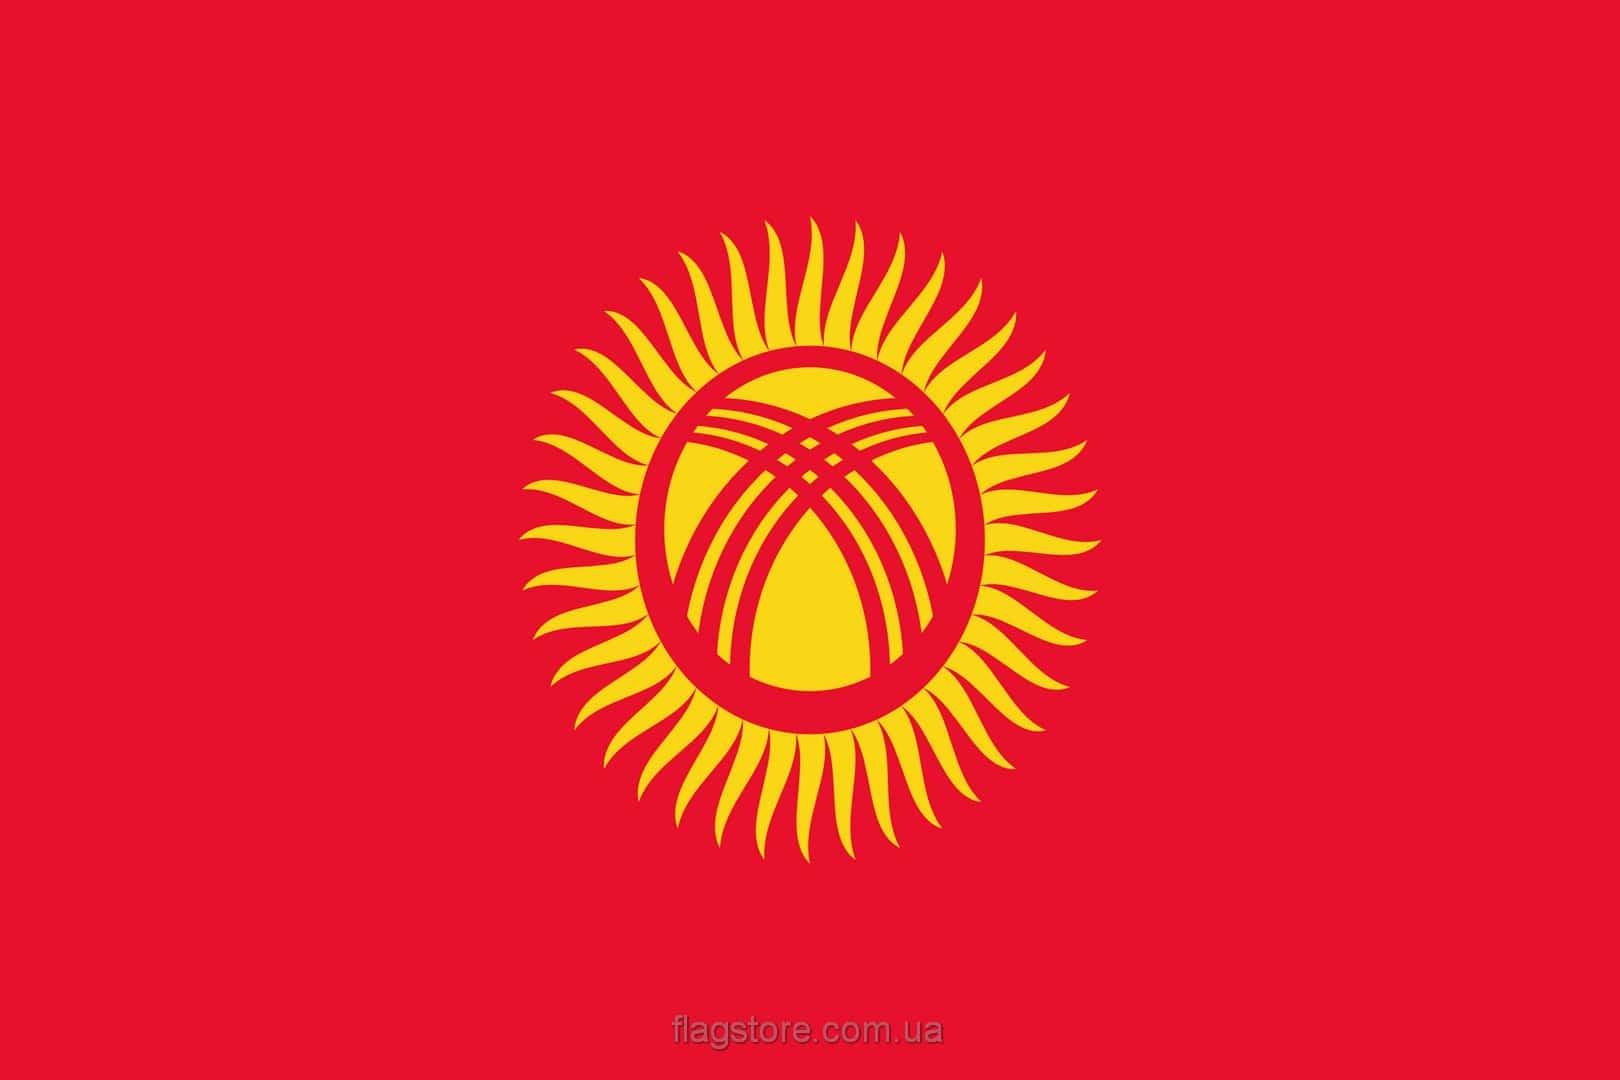 Купить флаг Киргизии (страны Киргизия)